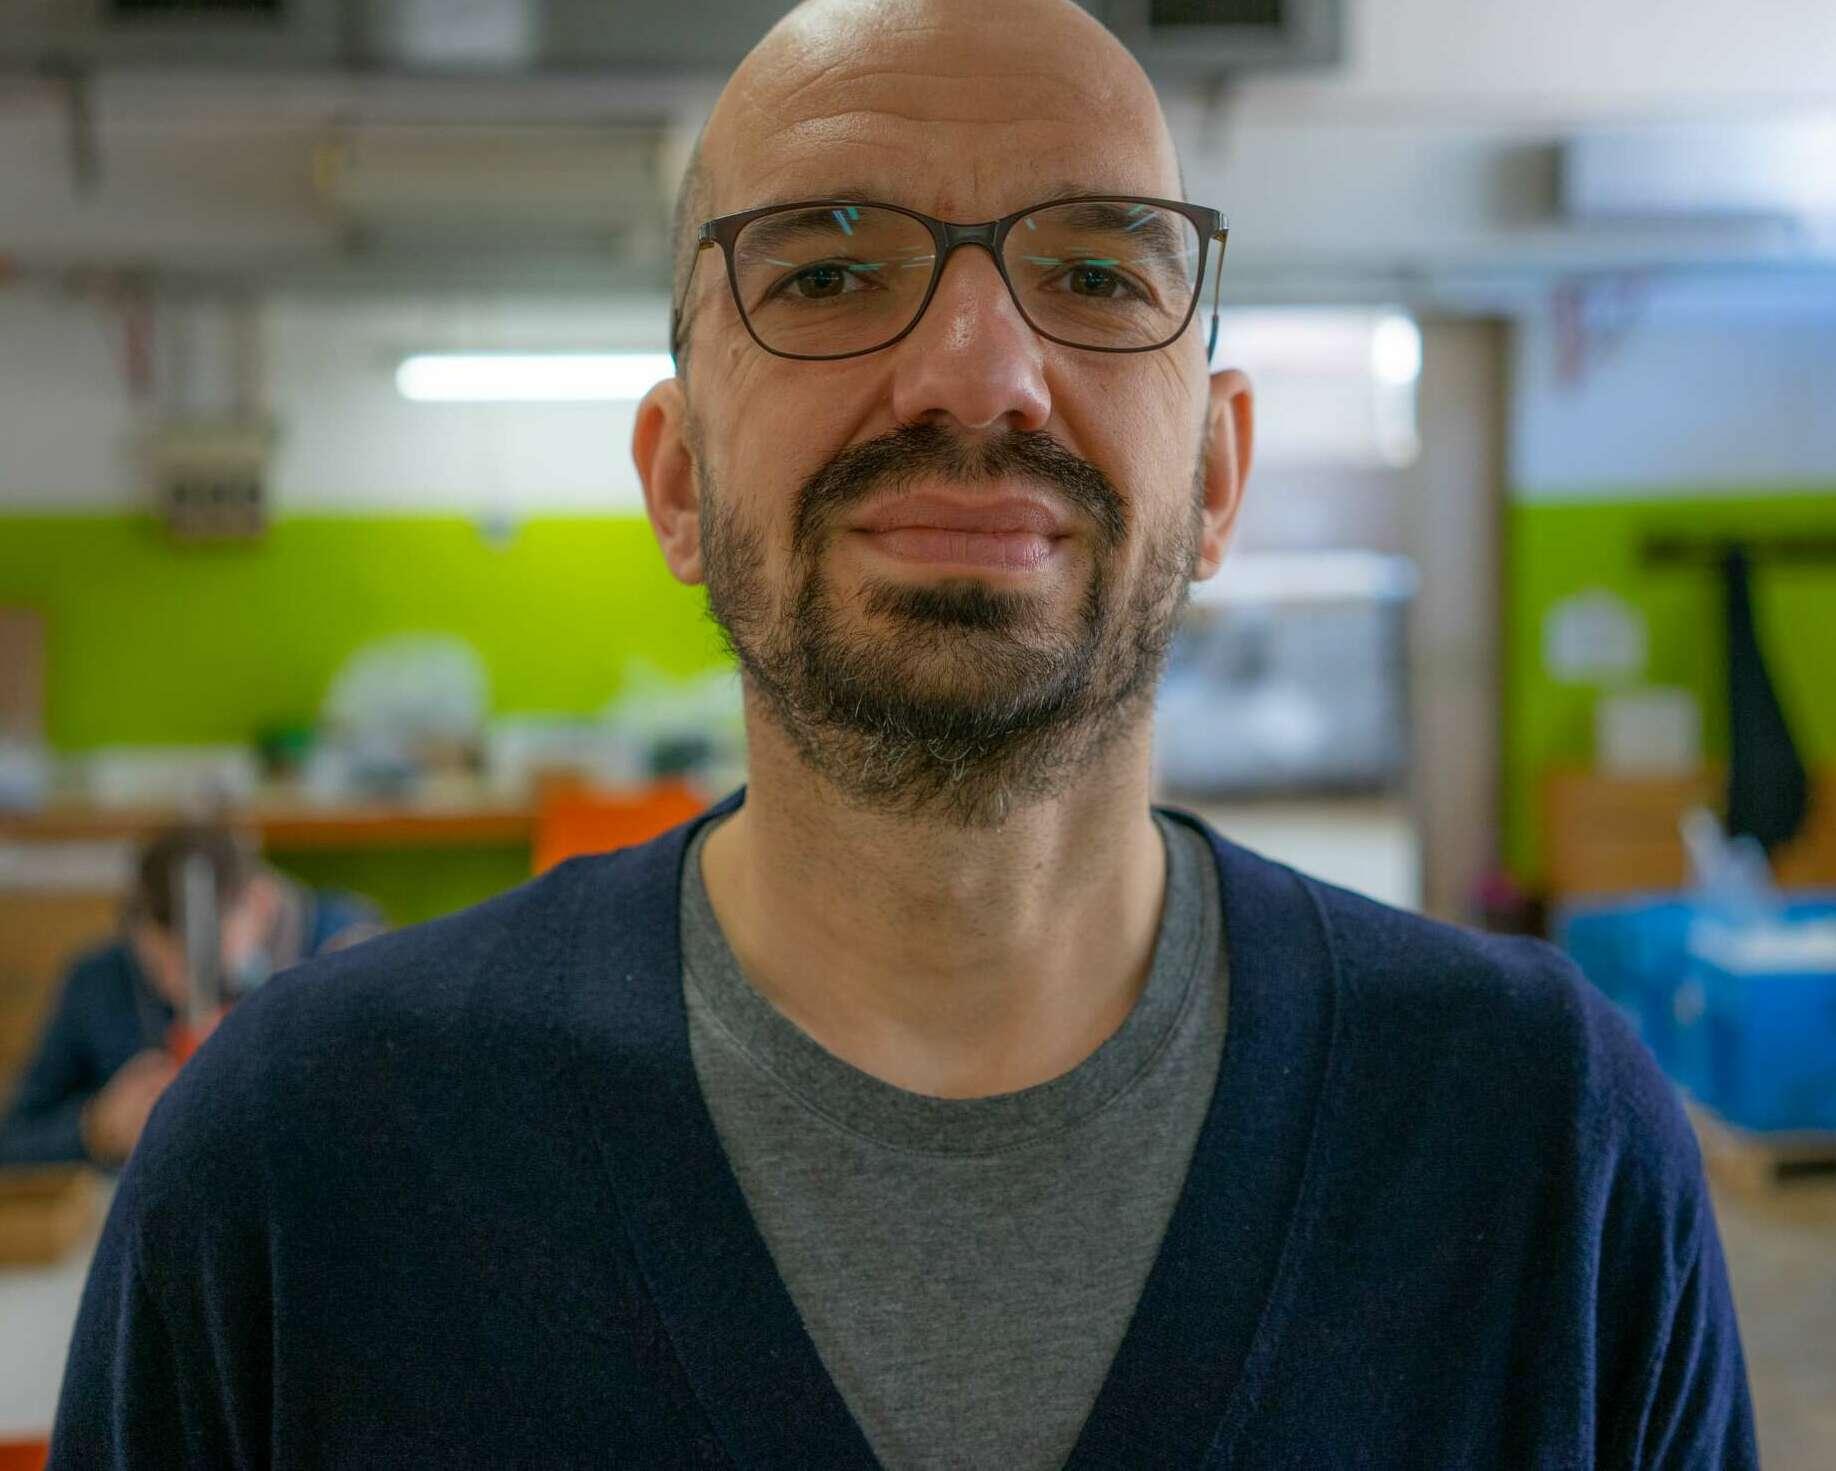 Giorgio Sgarbi